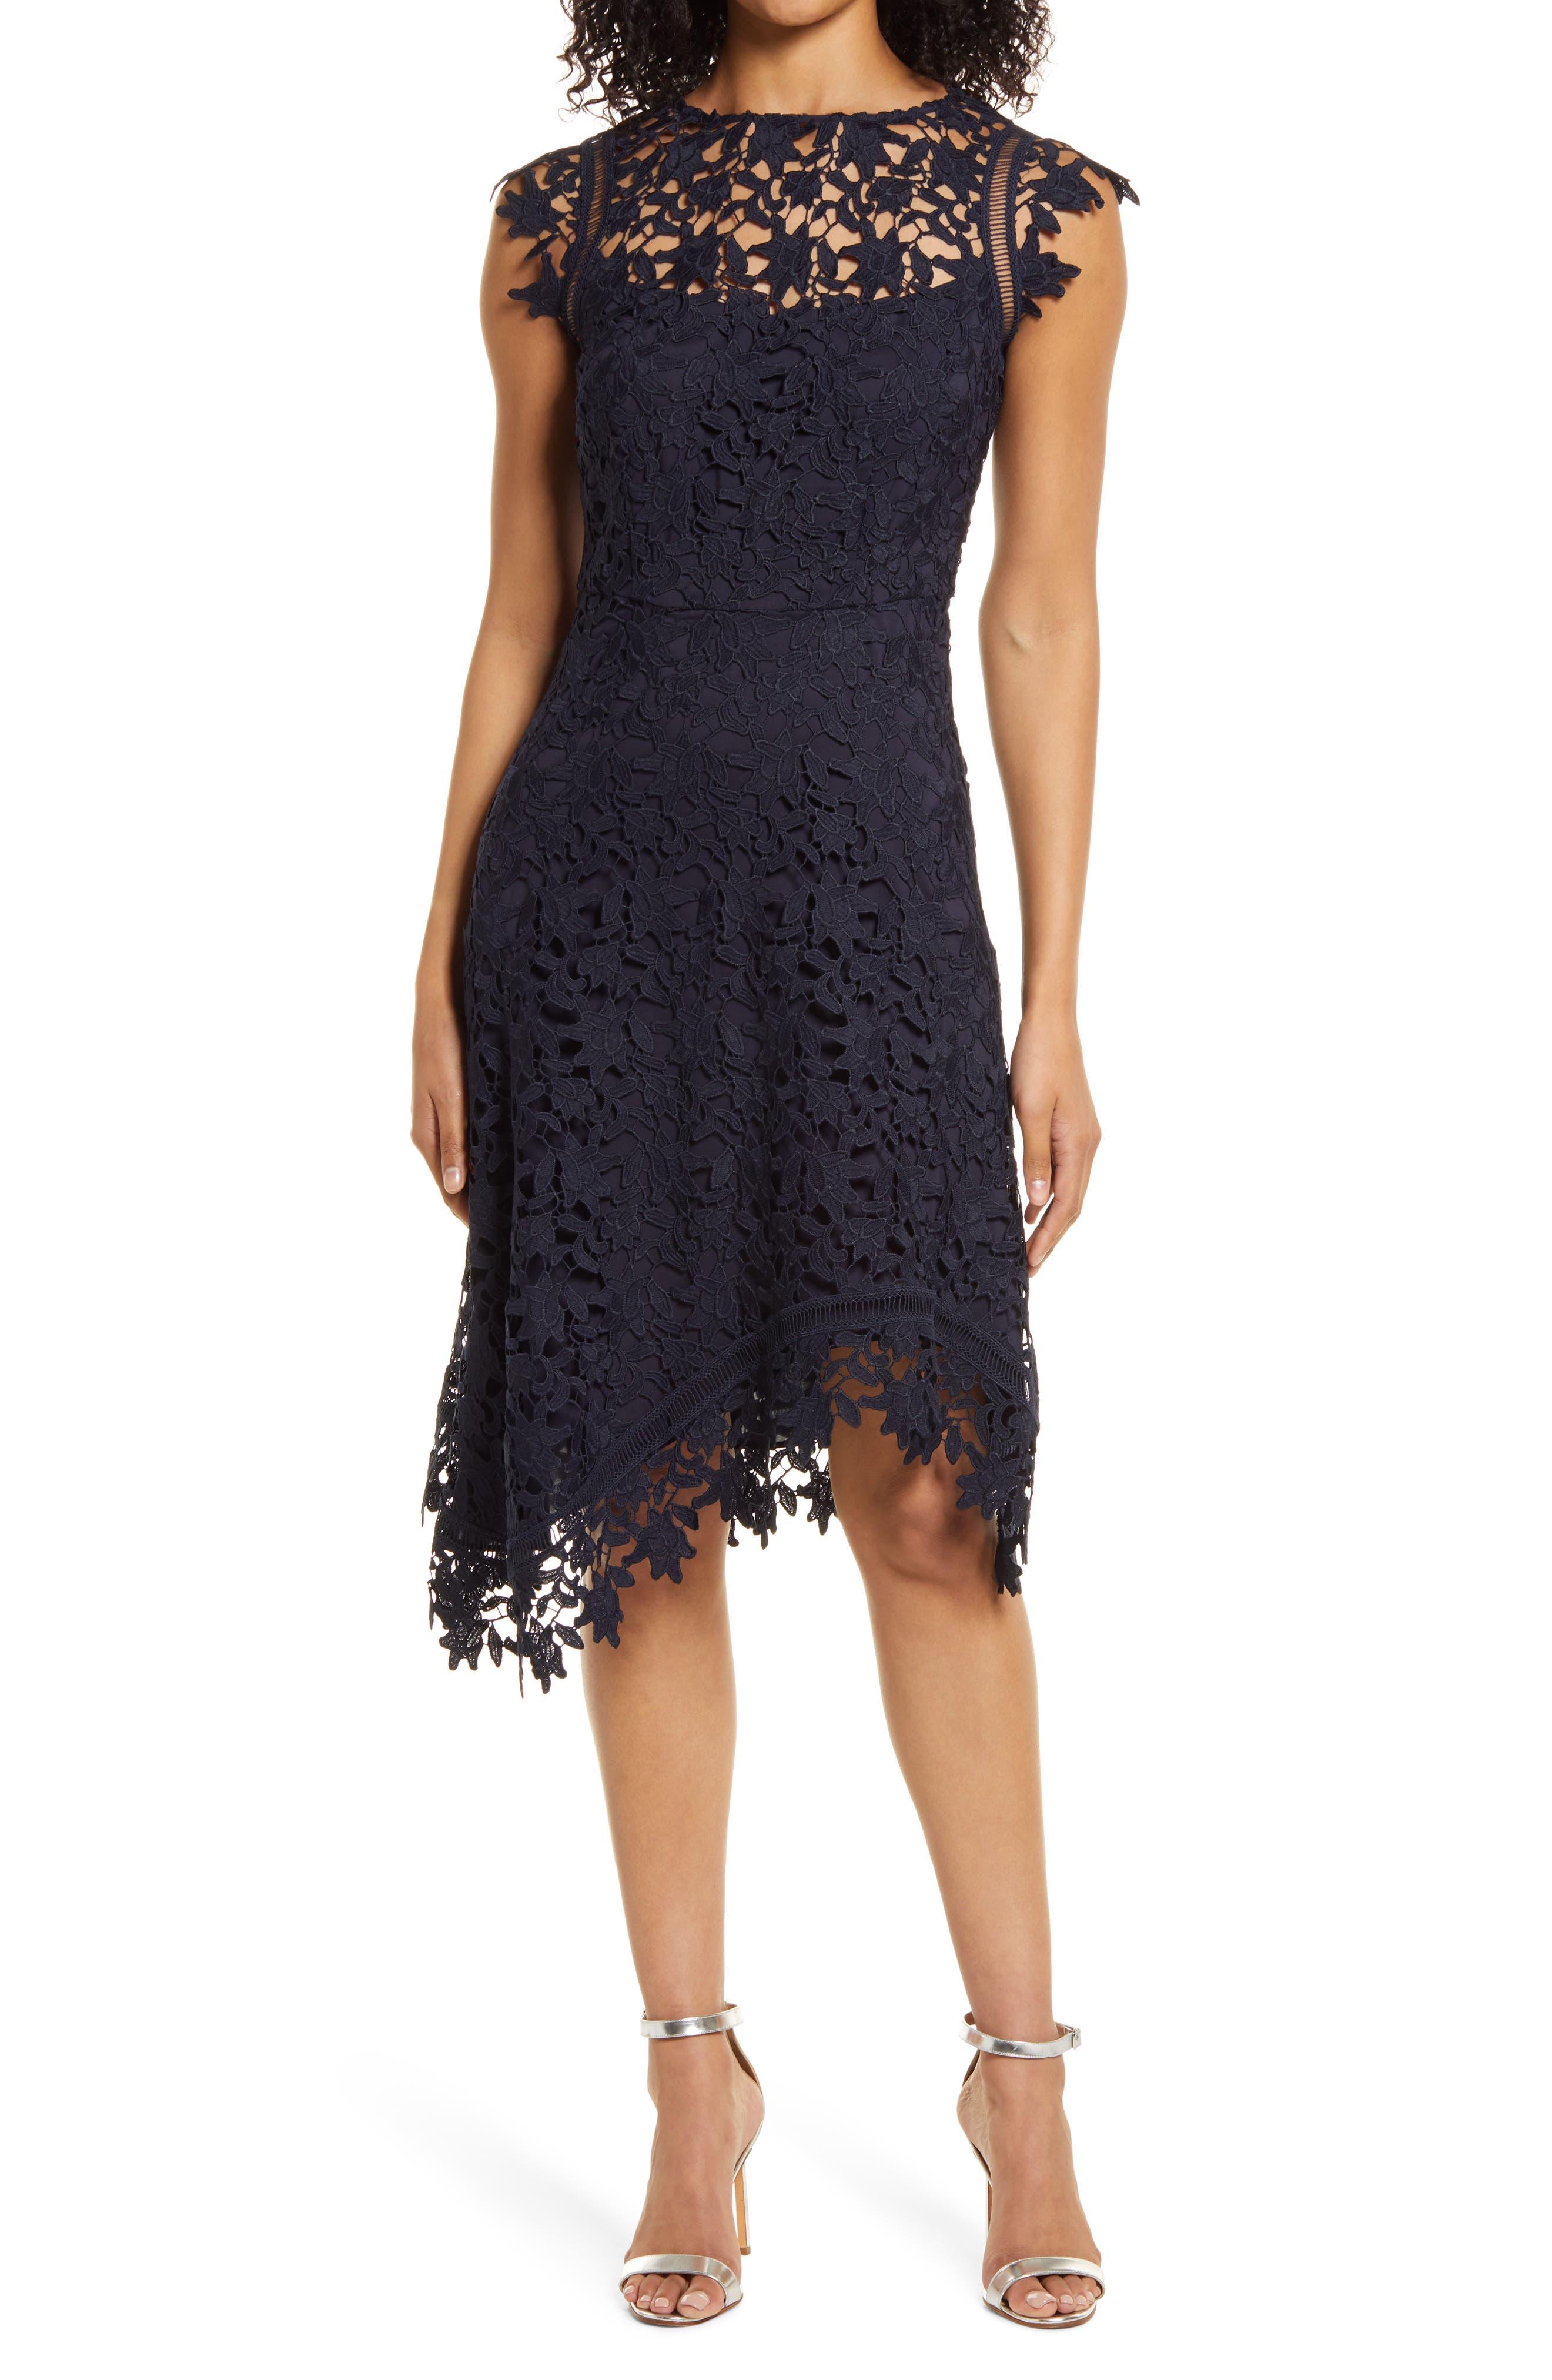 Lace Asymmetric Cocktail Dress